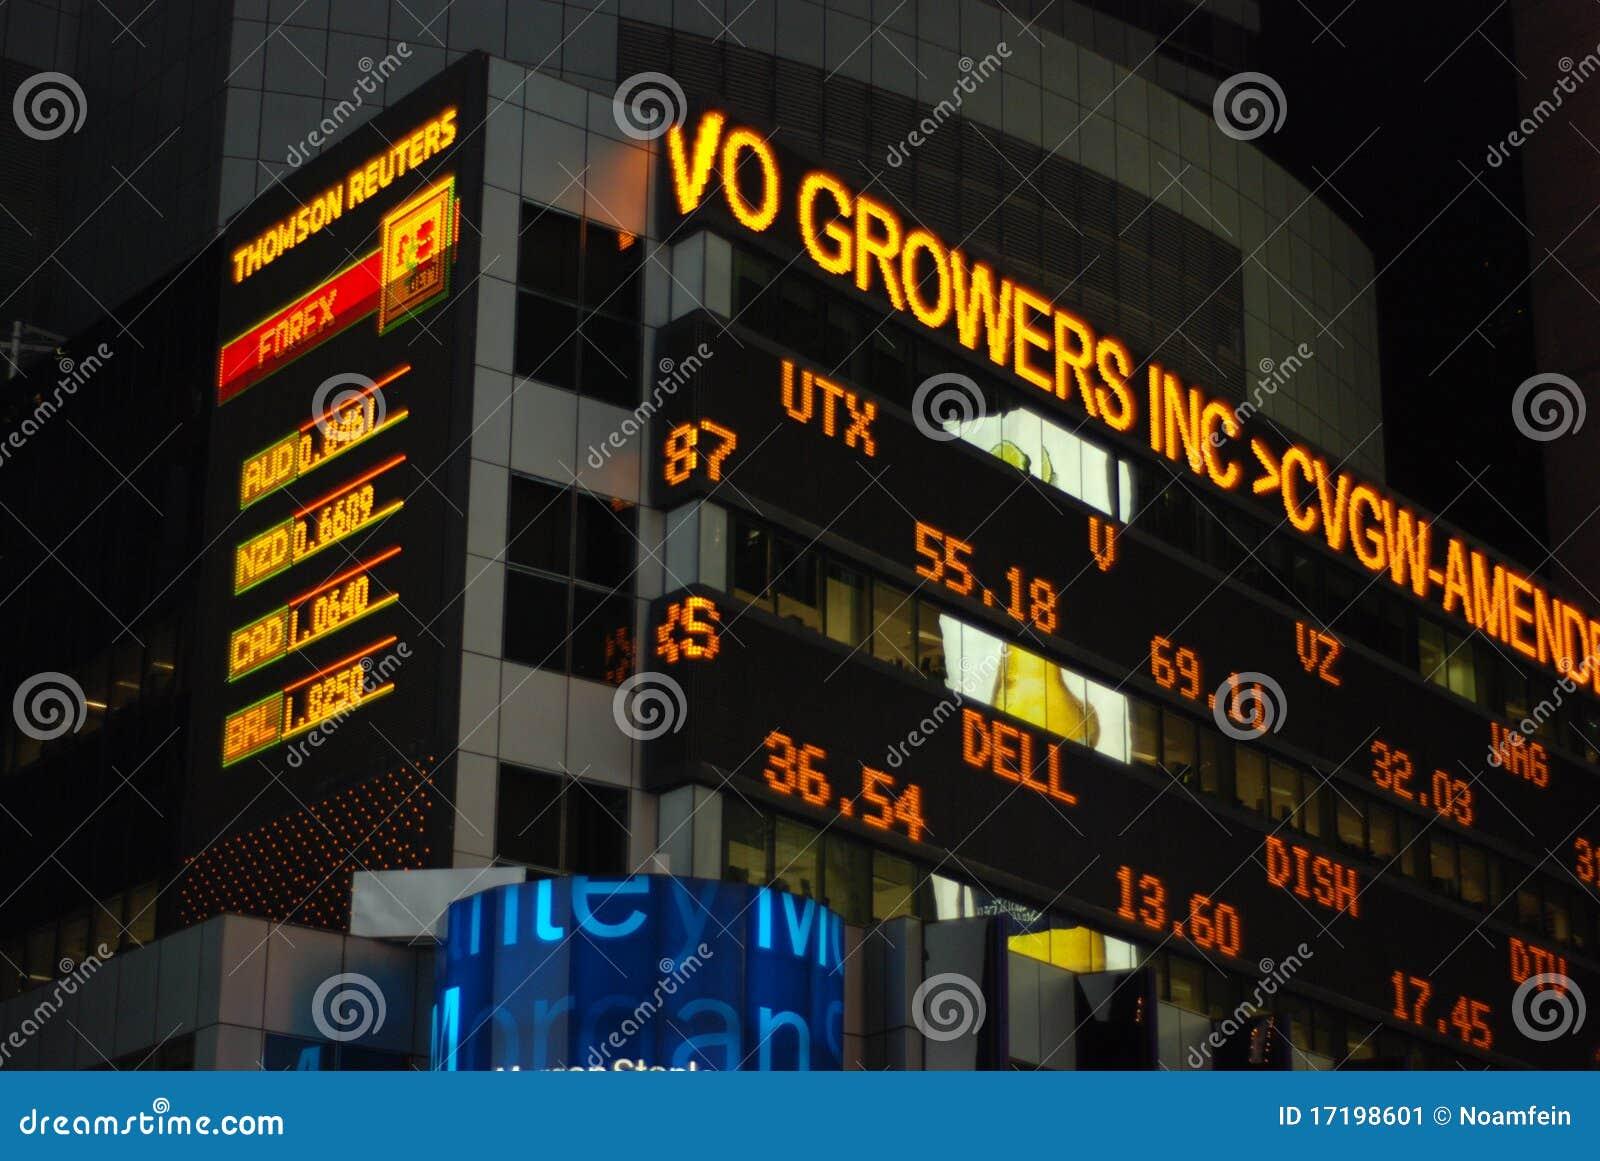 Ticker van de voorraad in Times Square